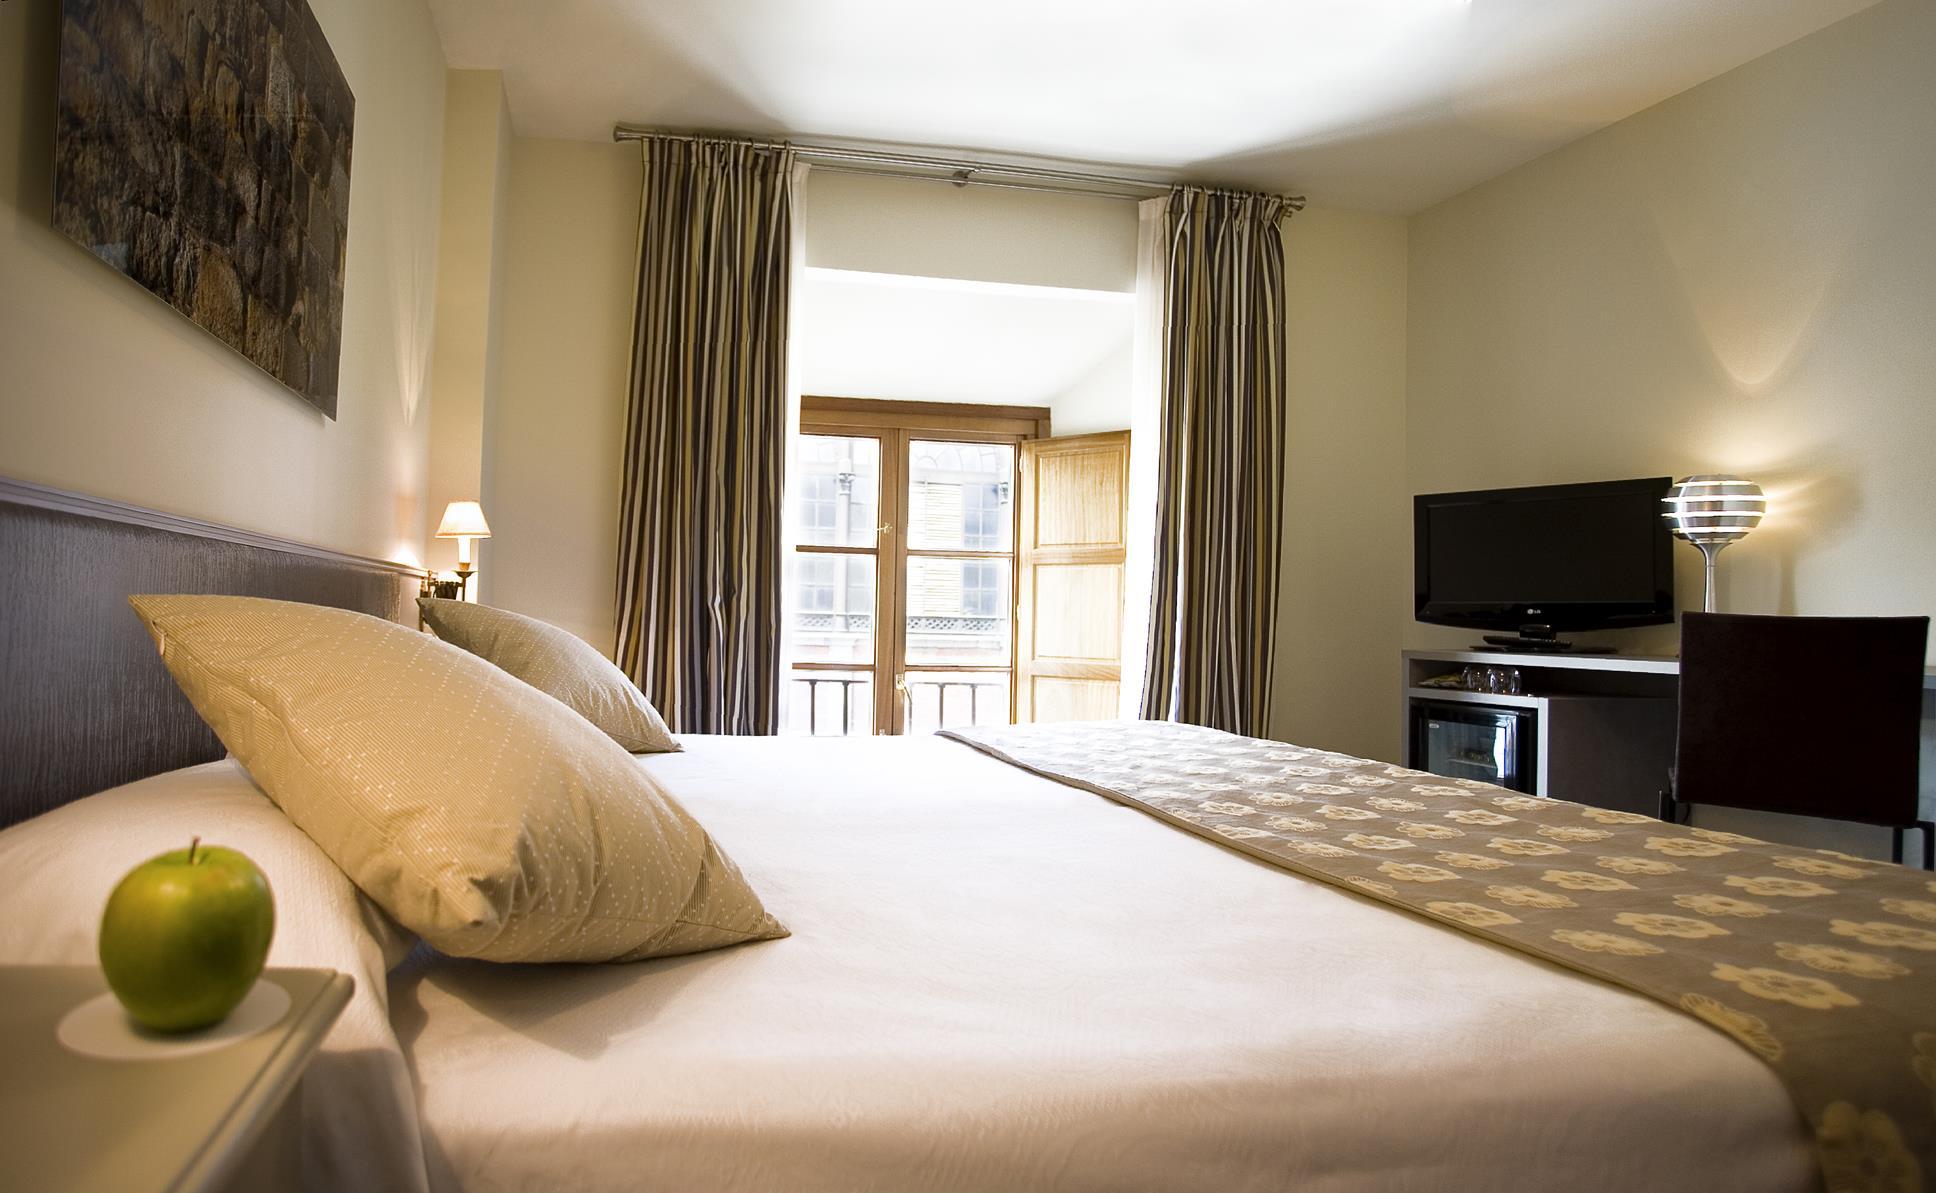 melian_randolph_hotel_roommate_vega_salamanca_12